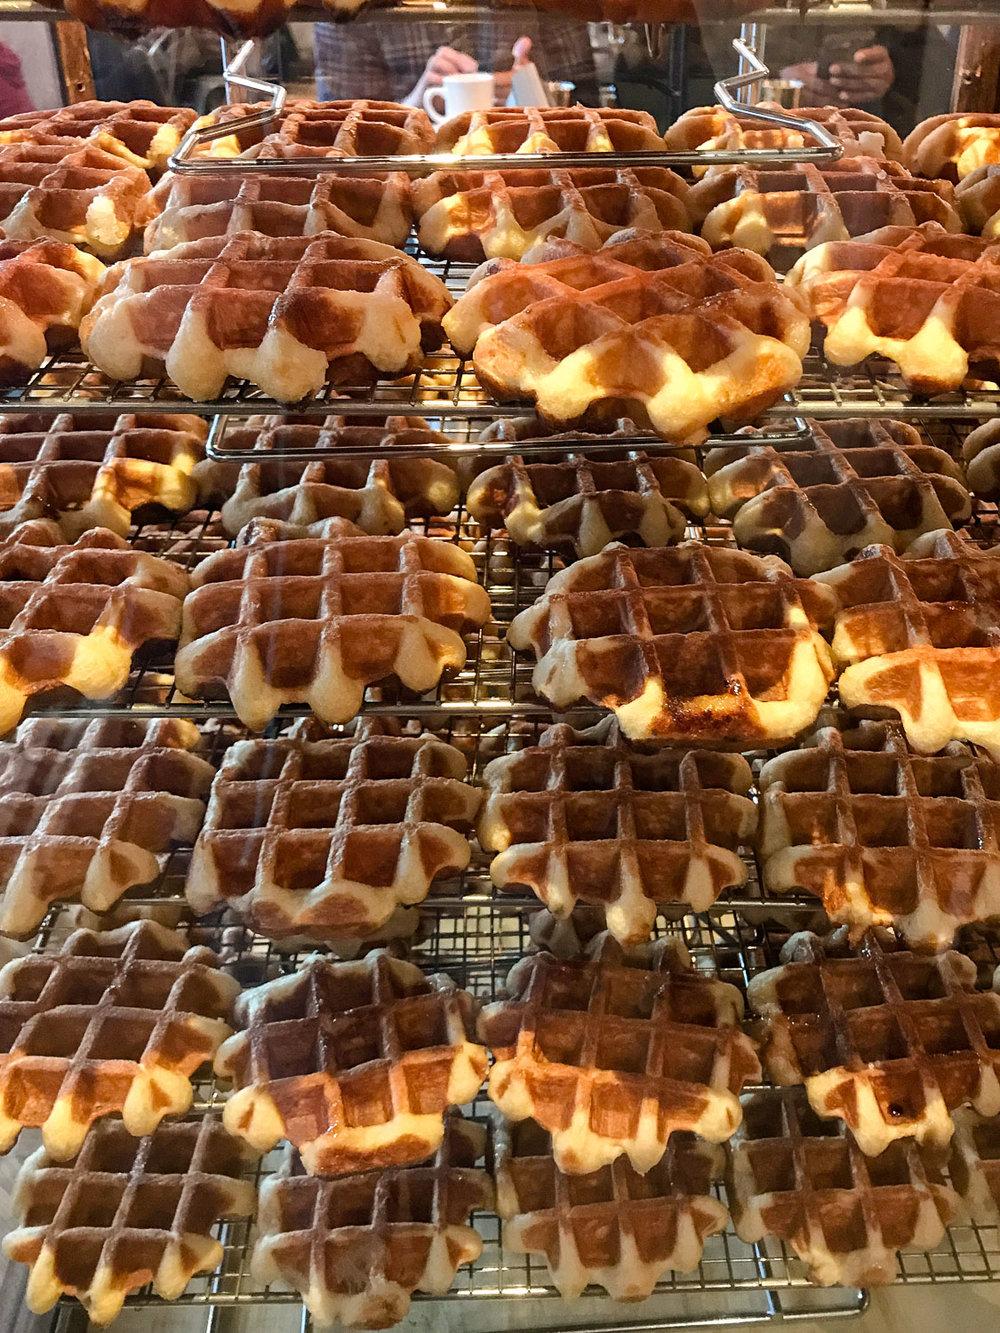 Breakfast waffles at Medina's Cafe, Vancouver Canada, November 2017